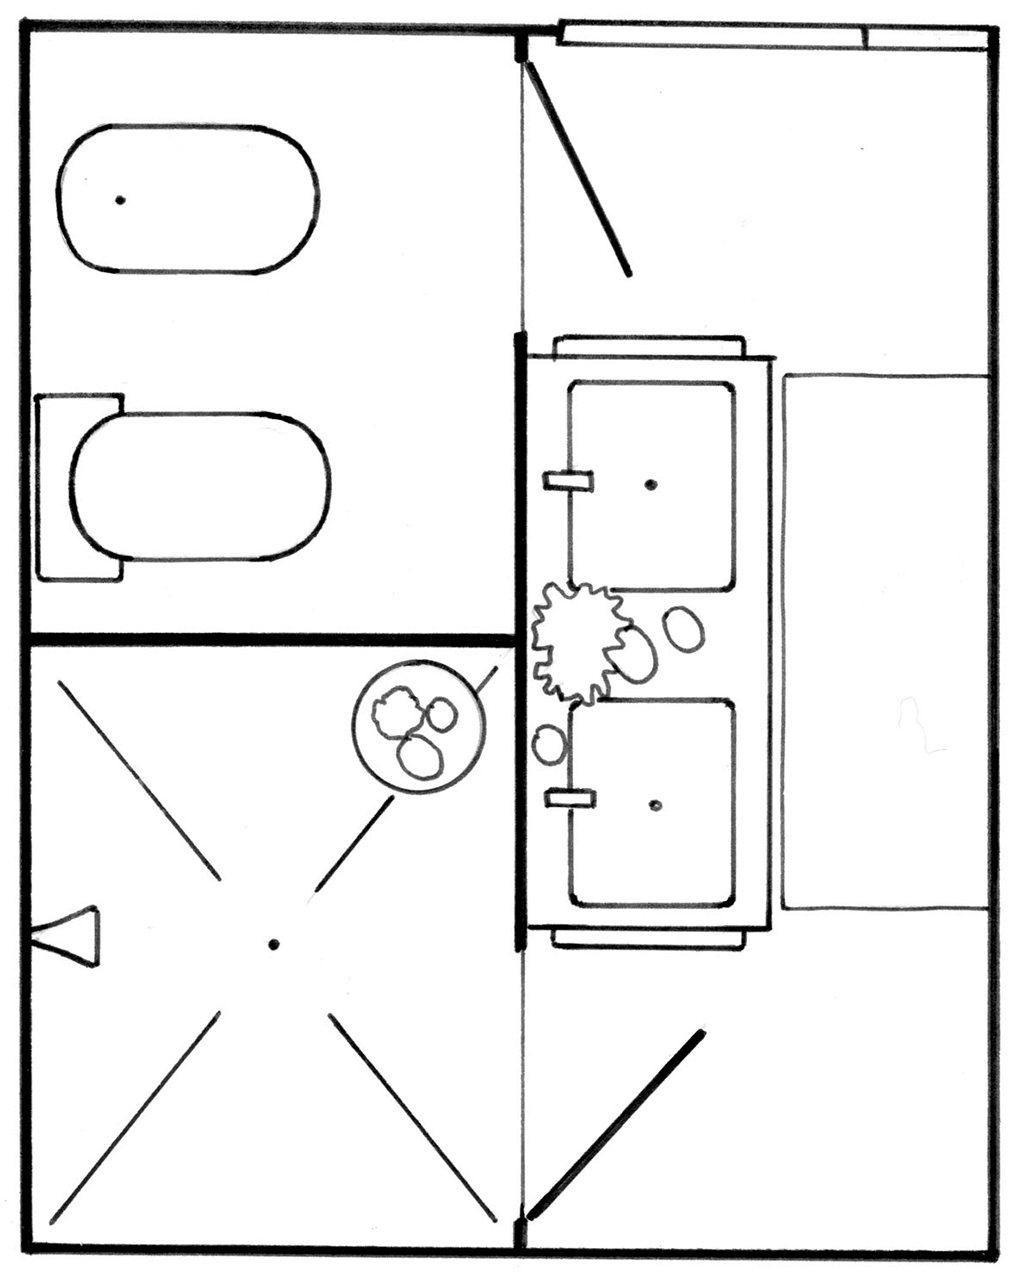 Baños Medidas Planos:planos baños pequeños